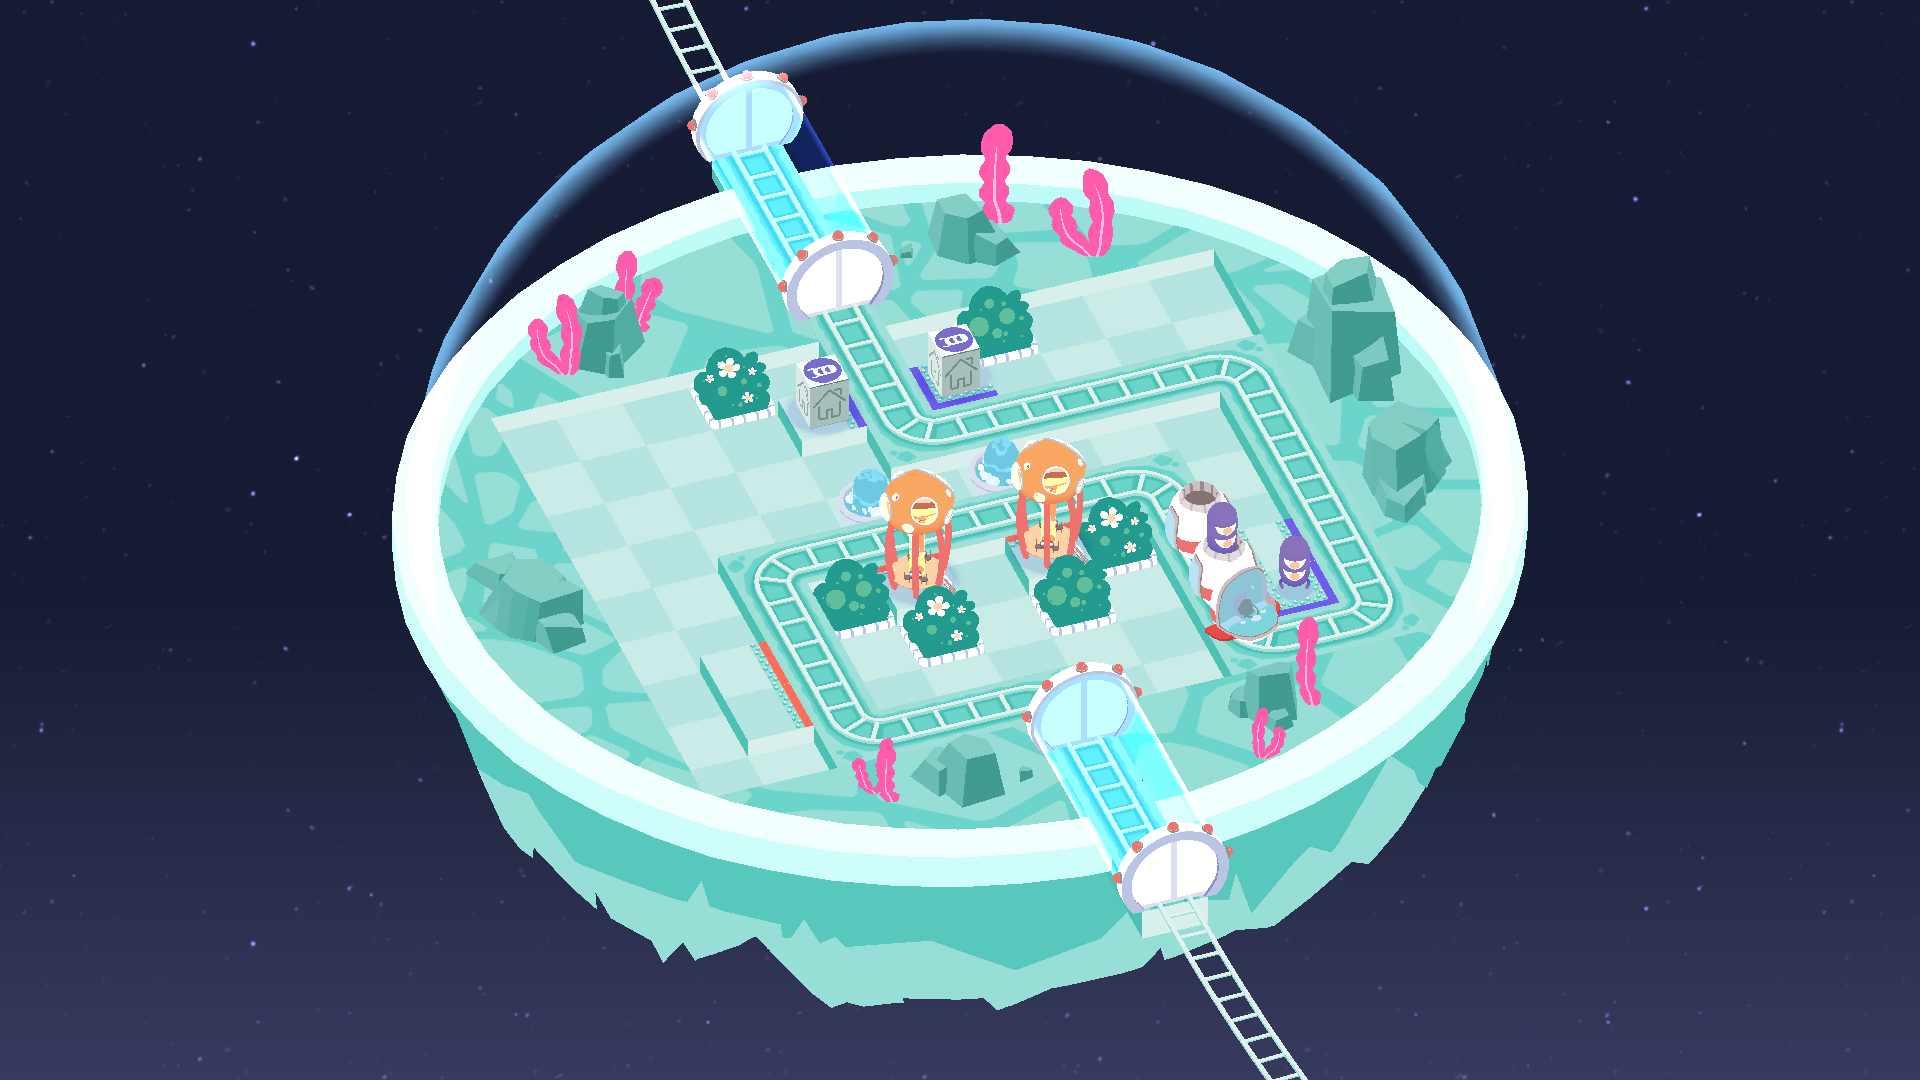 دانلود Cosmic Express 1.0.8 – بازی پازلی حمل و نقل کیهانی اندروید